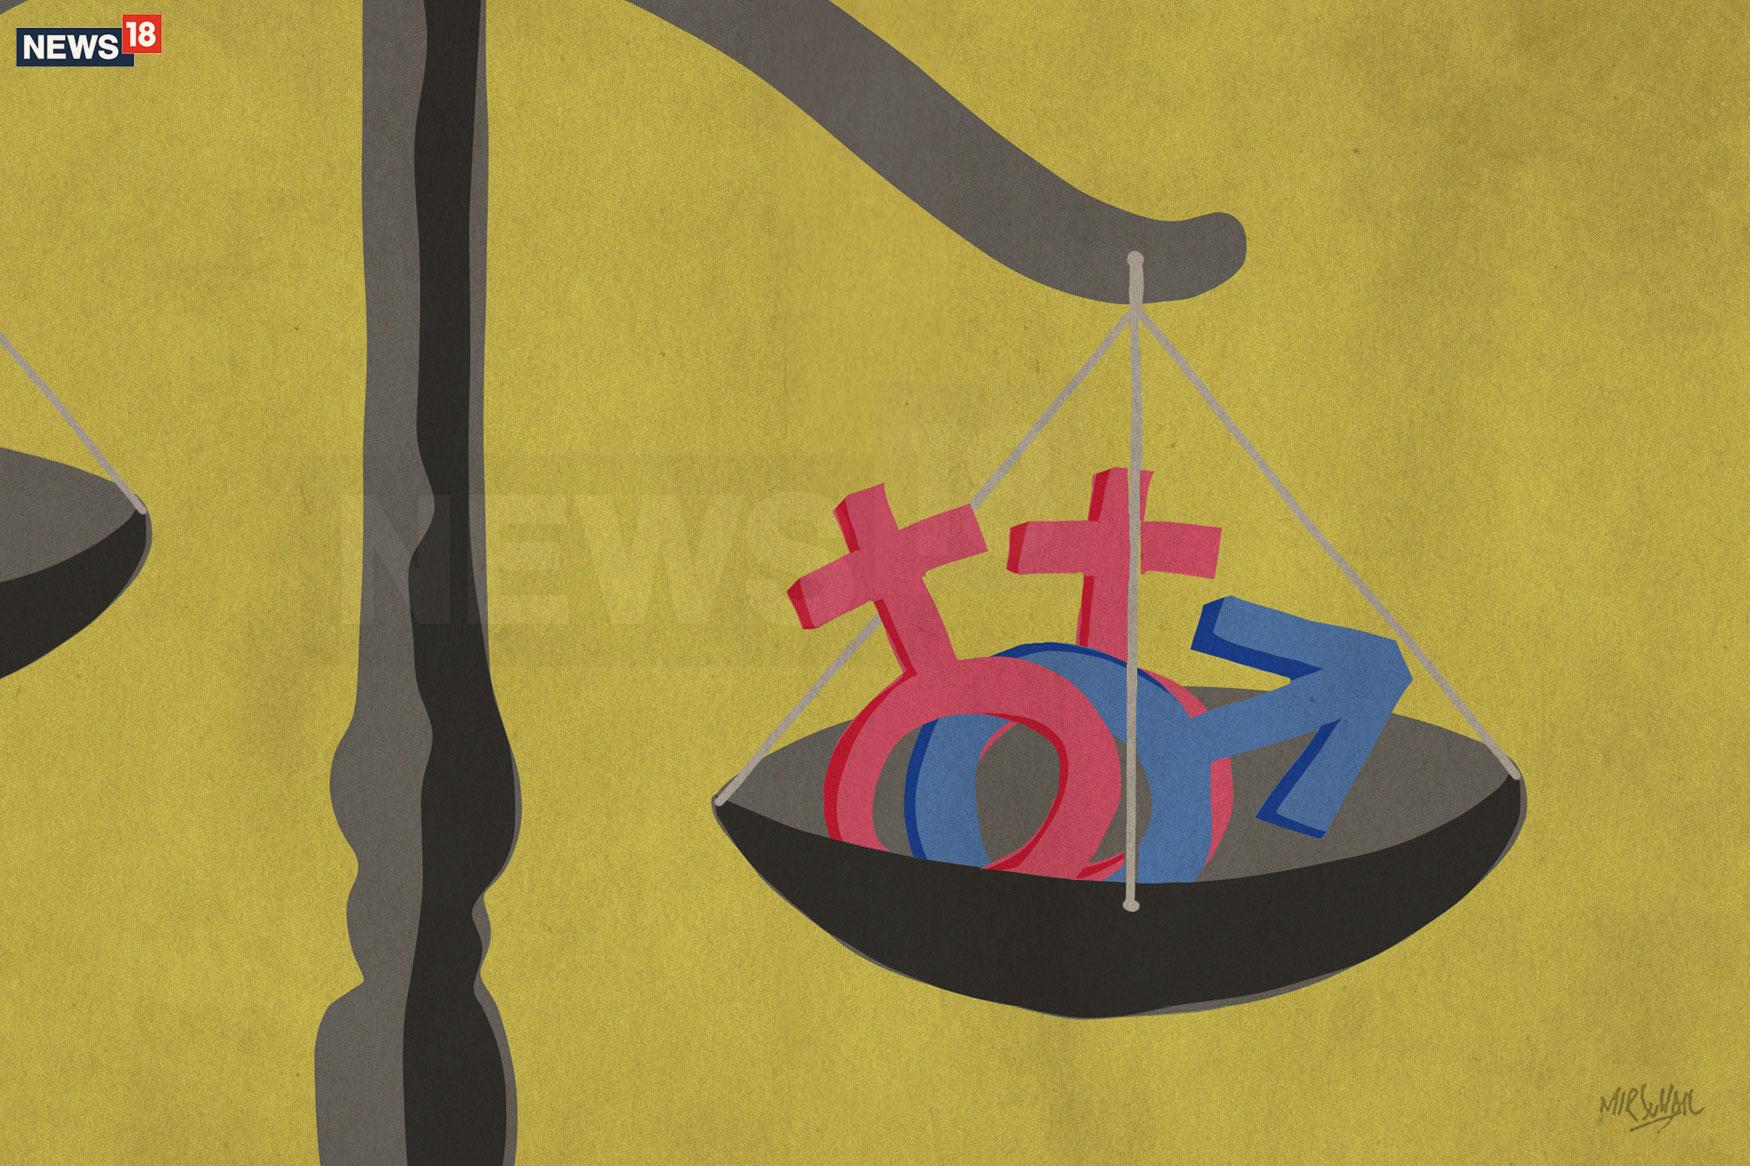 समान वेतन कायदा 1976 नुसार, महिला आणि पुरुषांना समसमान पगार घेण्याचा अधिकार आहे.